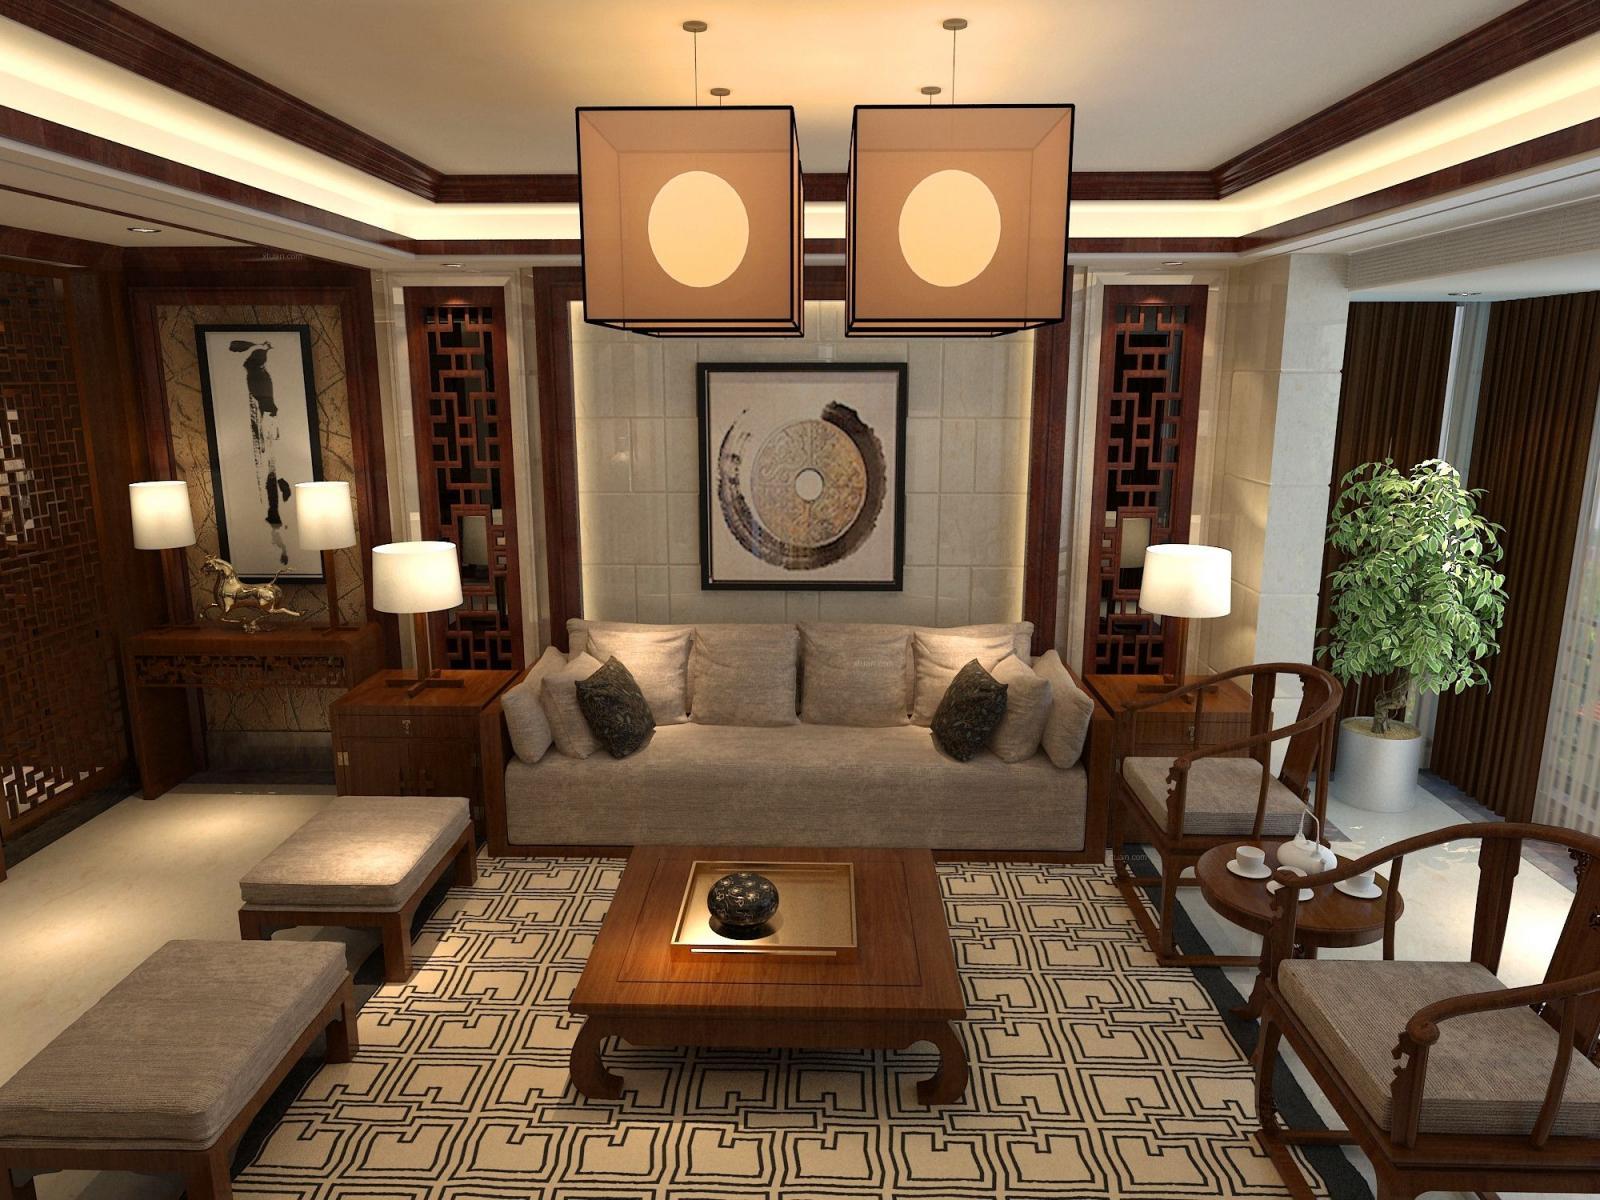 复式楼中式风格客厅_万祥家园-复式楼装修效果图-x团图片